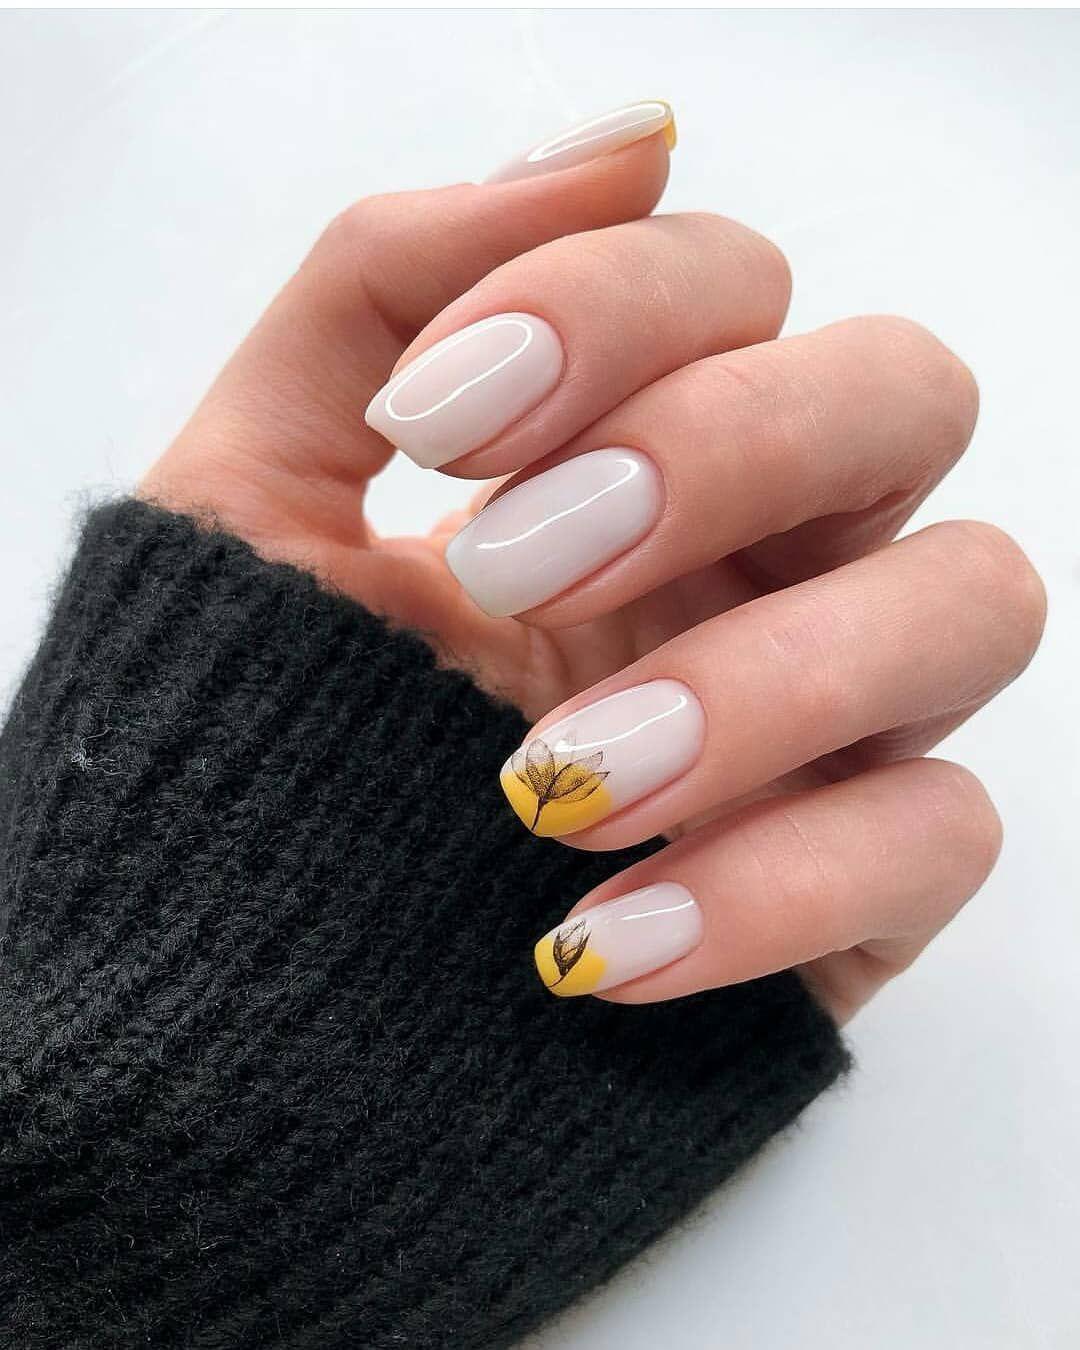 Nail Design 2019 Fashionable And Attractive Nail Design Ideas 2019 2020 Perfect Nails Fashion Nails Minimalist Nails